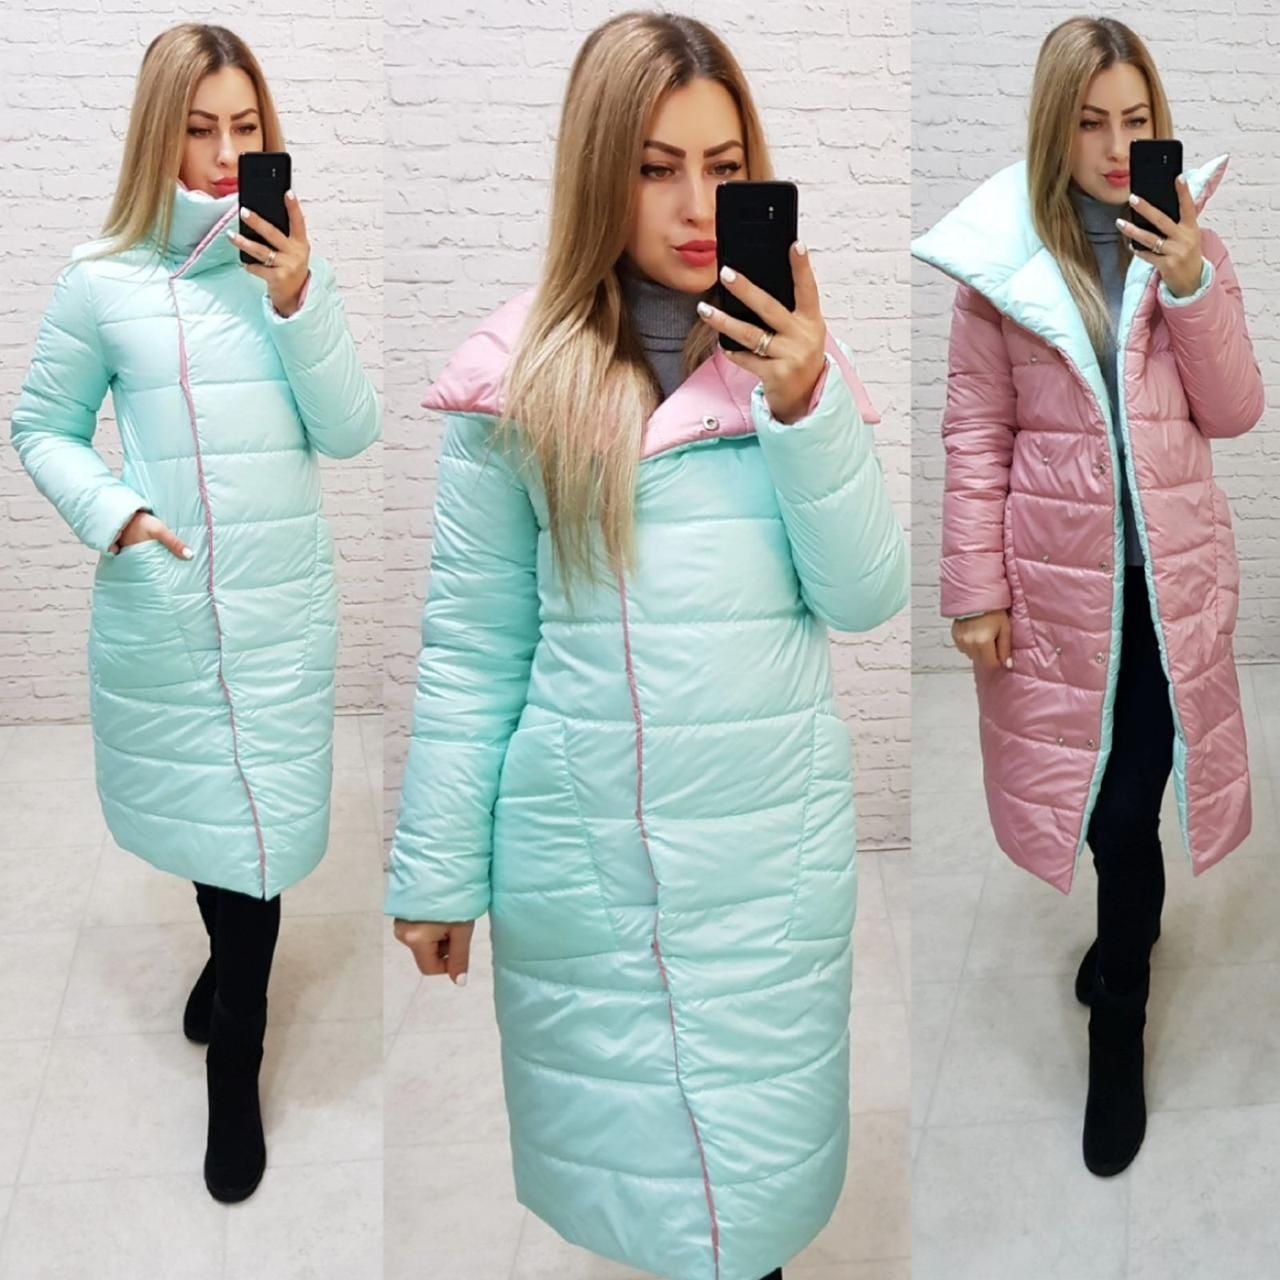 Куртка одеяло дэми двухсторонняя арт. 1006 мята + пудра / нежный бирюзовый с розовым